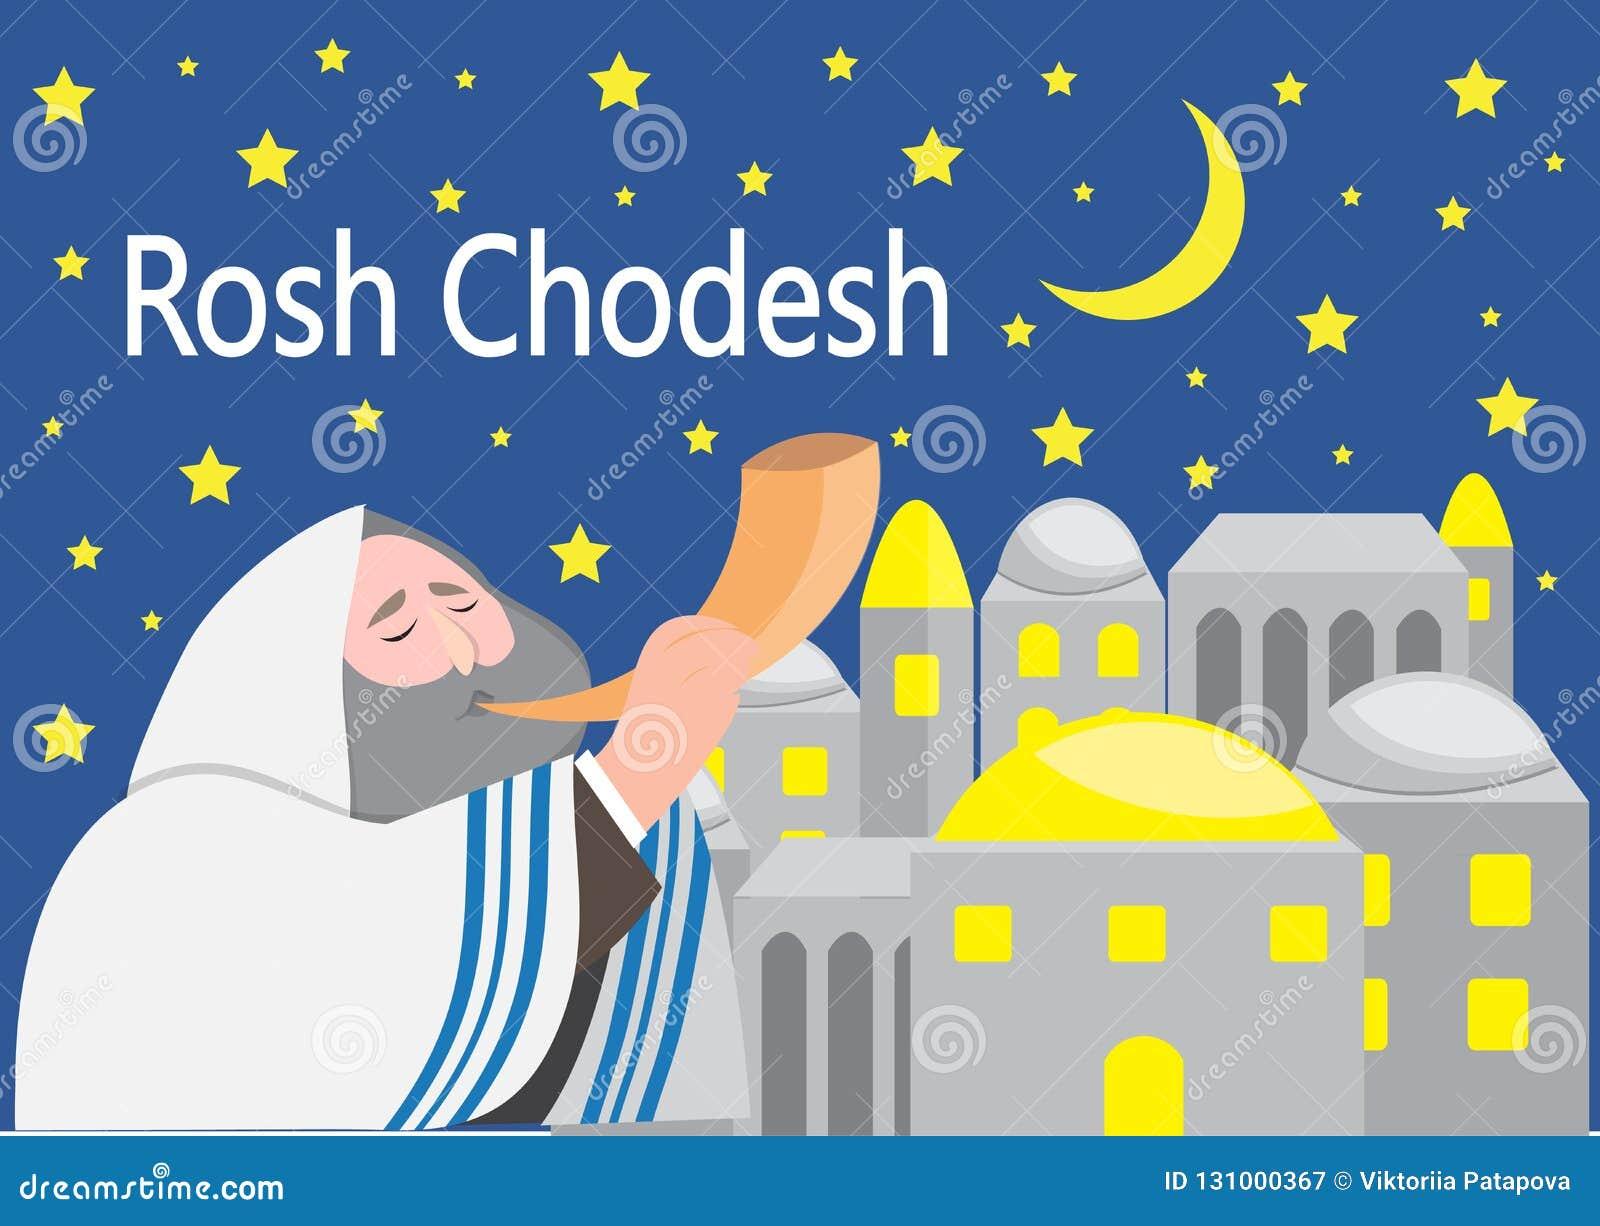 Rosh Chodesh wakacje który zaznacza początek each Hebrajski miesiąc